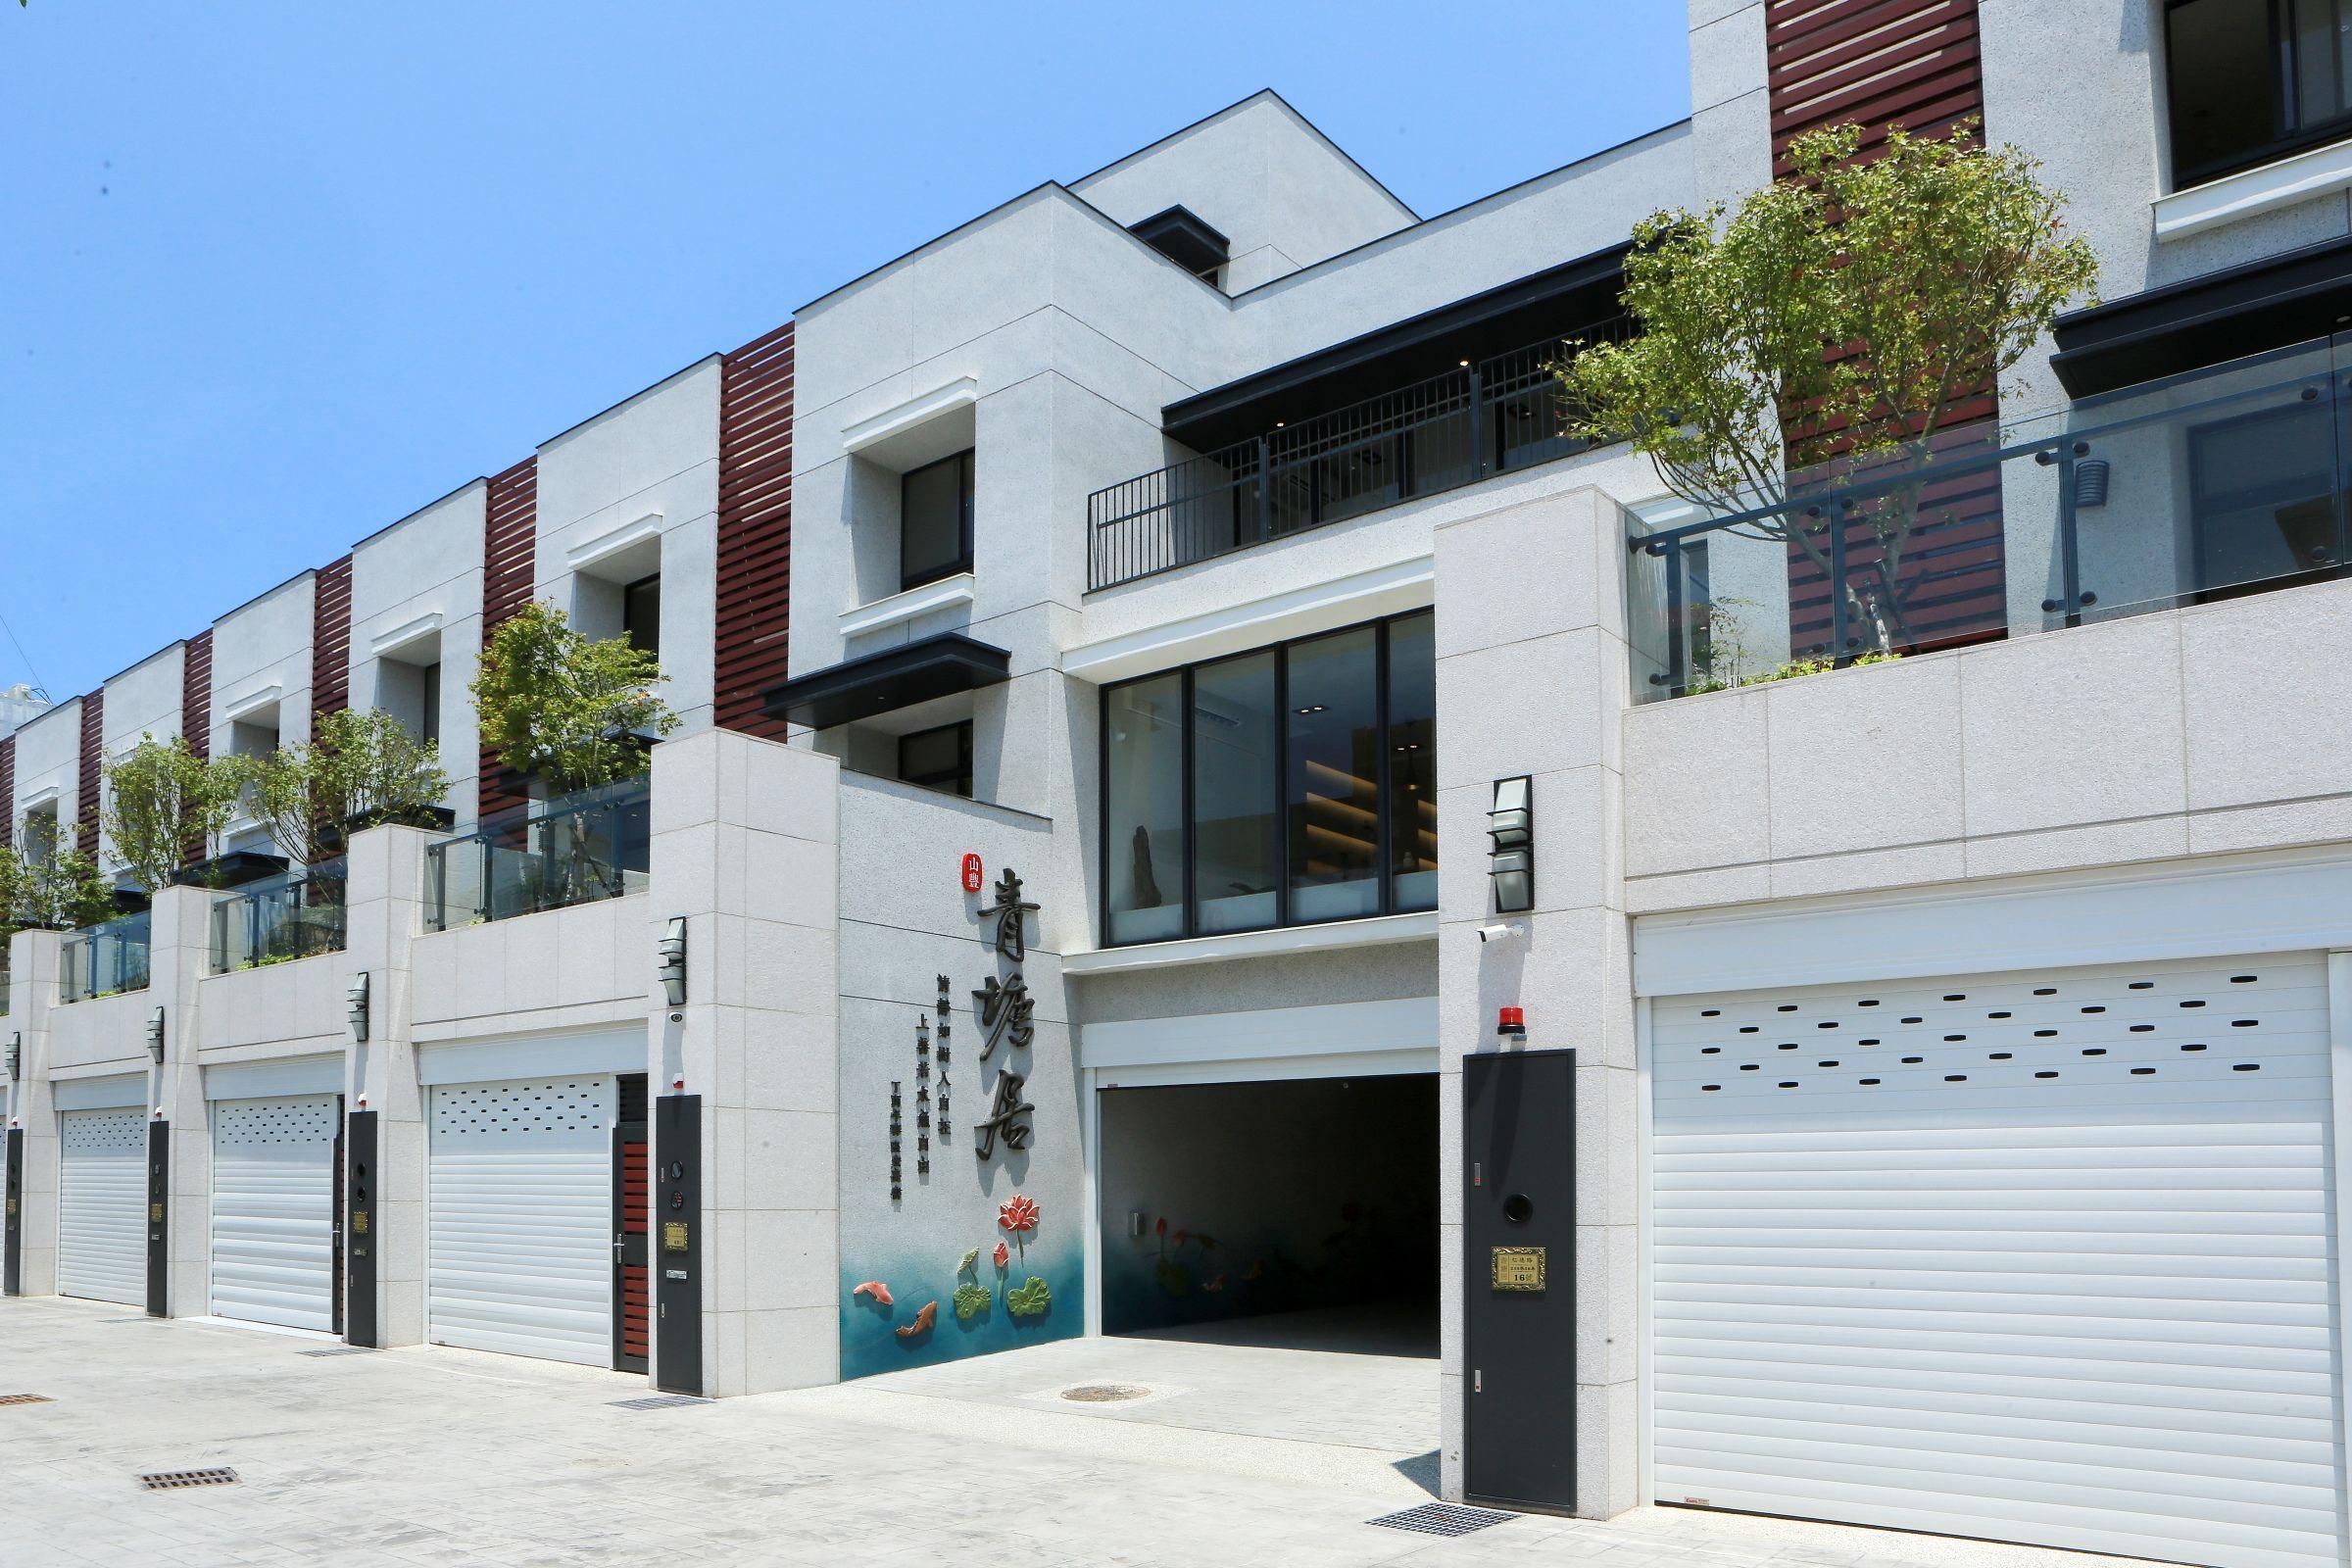 [竹南海口]山豐建設-青塘居(透天)20180626-1.JPG